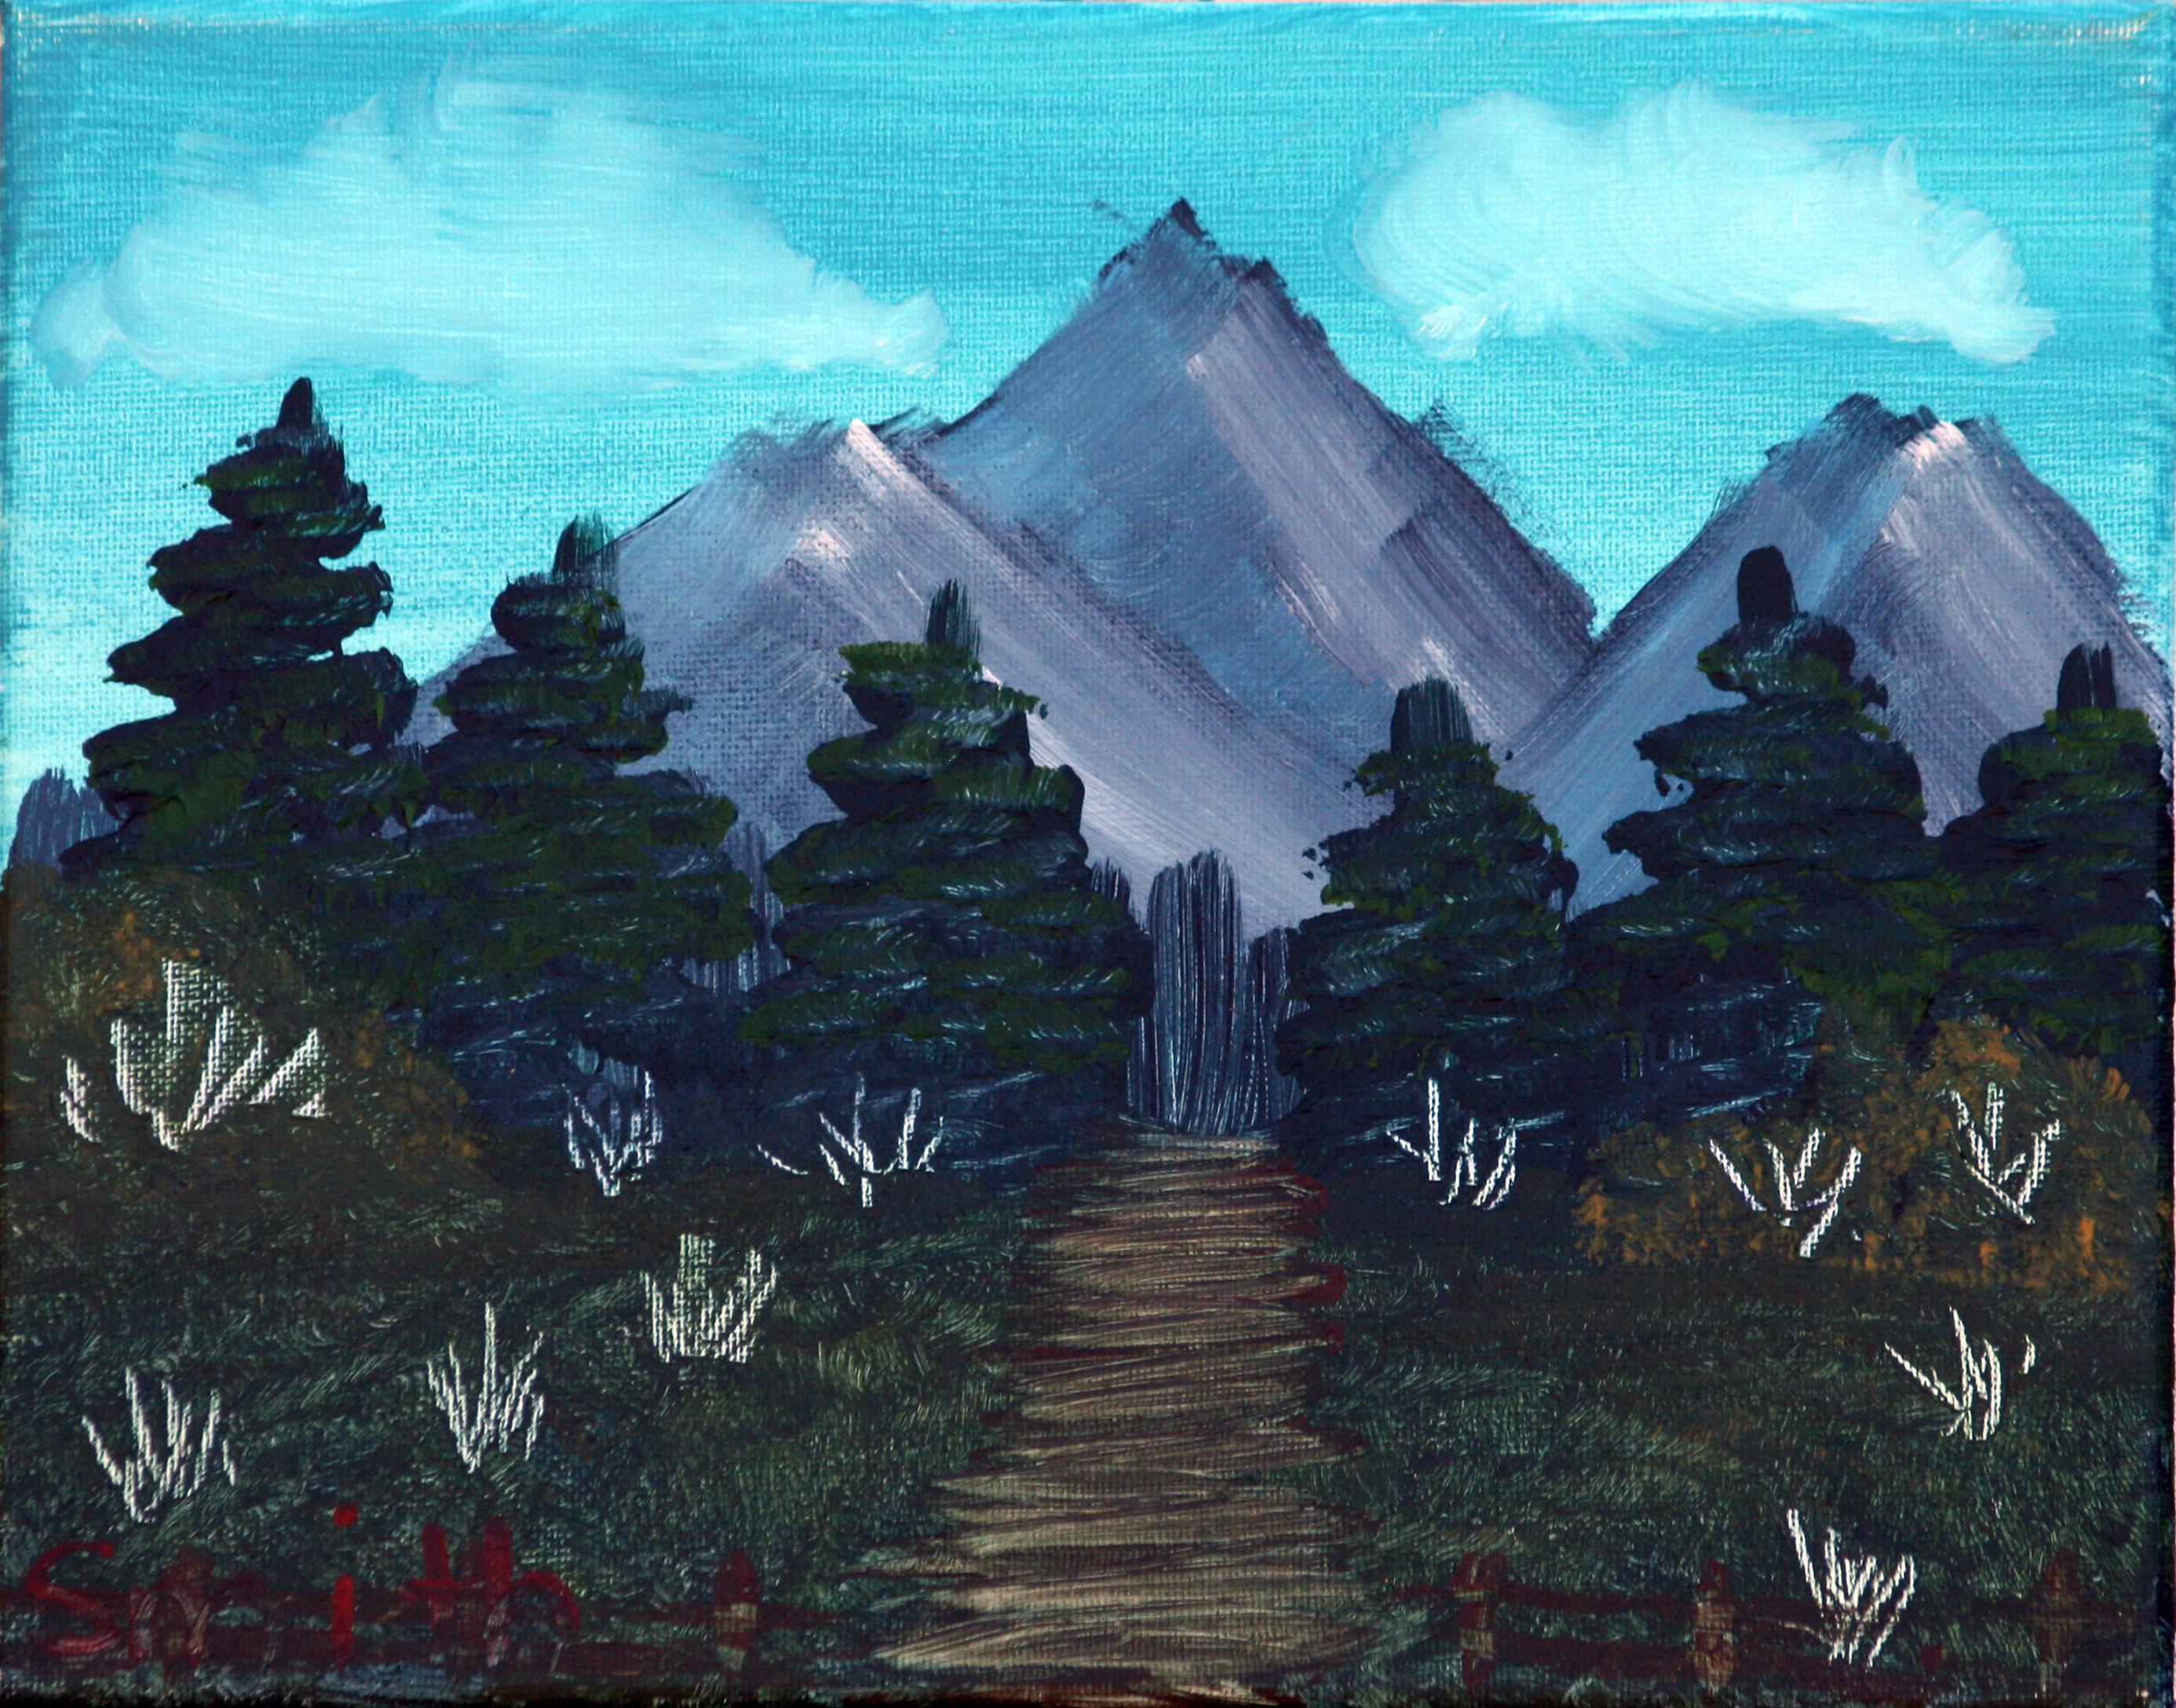 Mini-Mountains